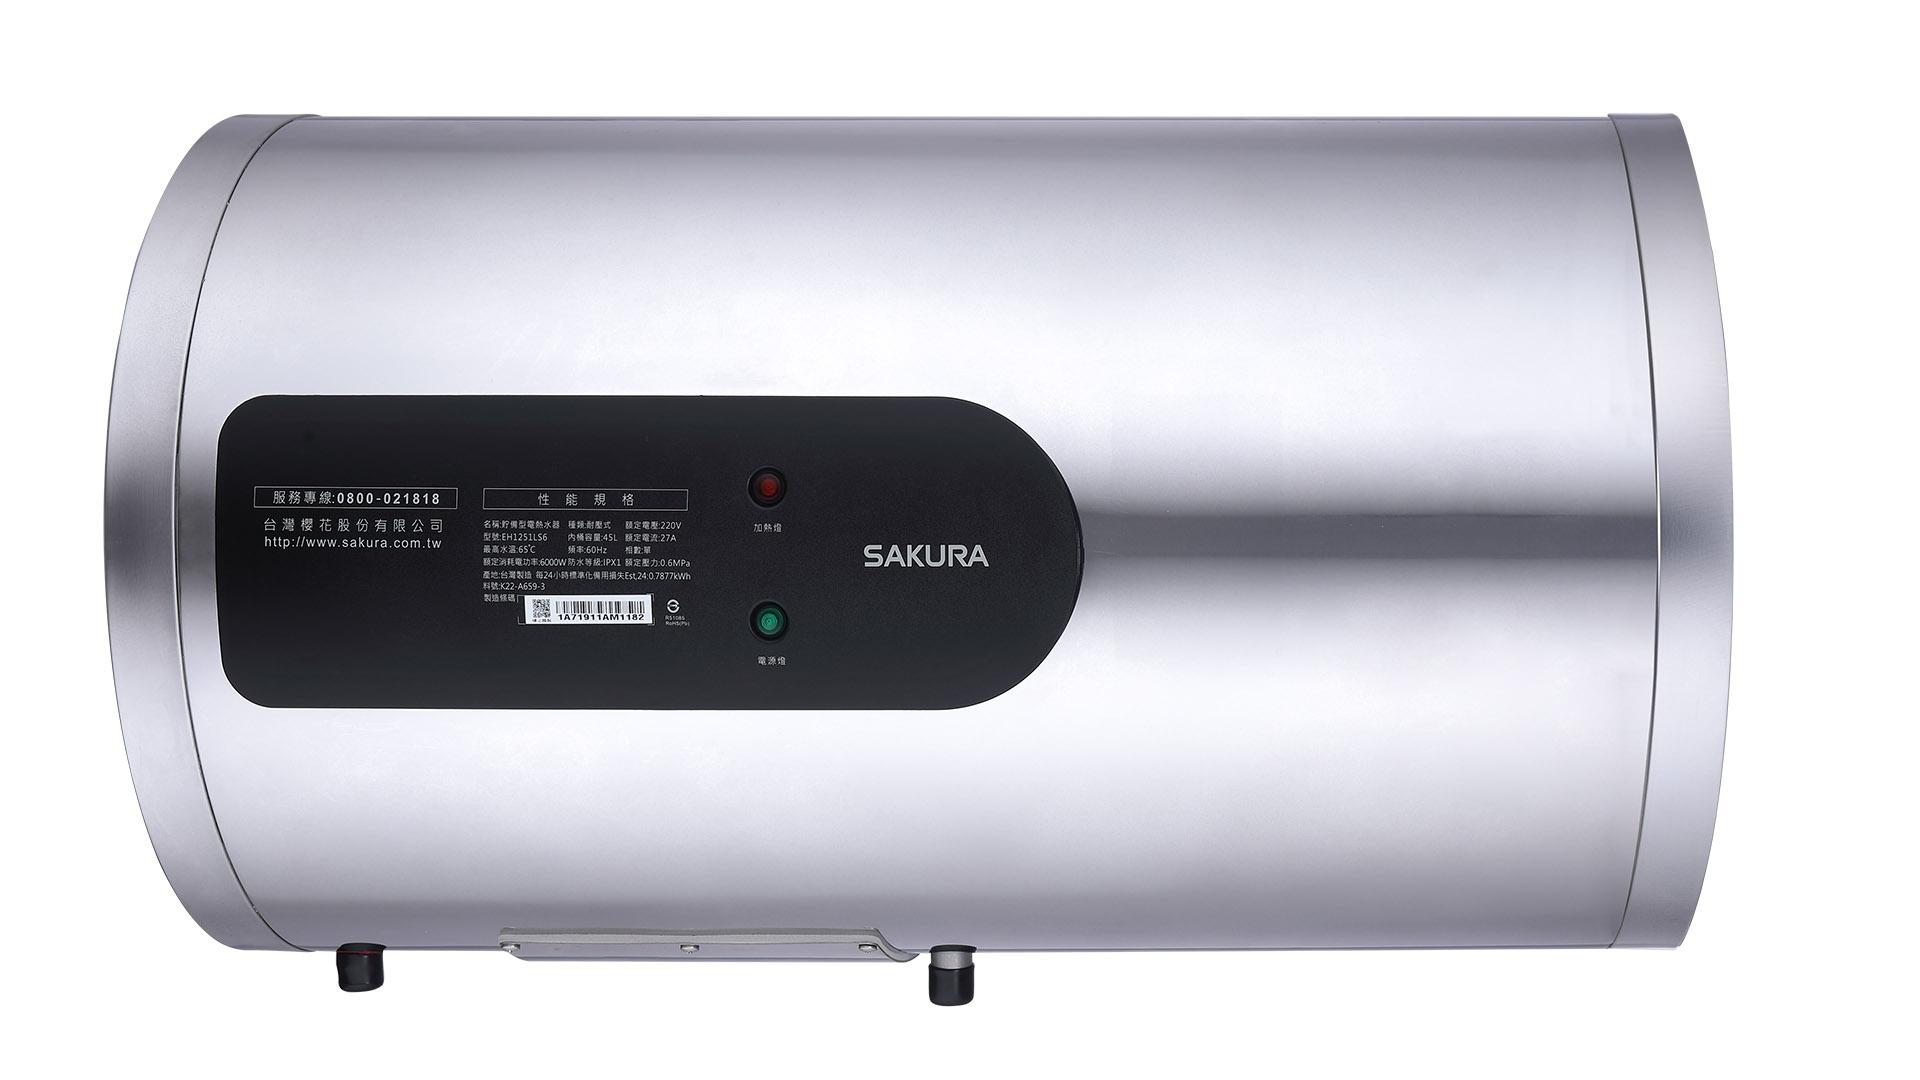 倍容定溫儲熱式電能熱水器 / 台灣櫻花股份有限公司